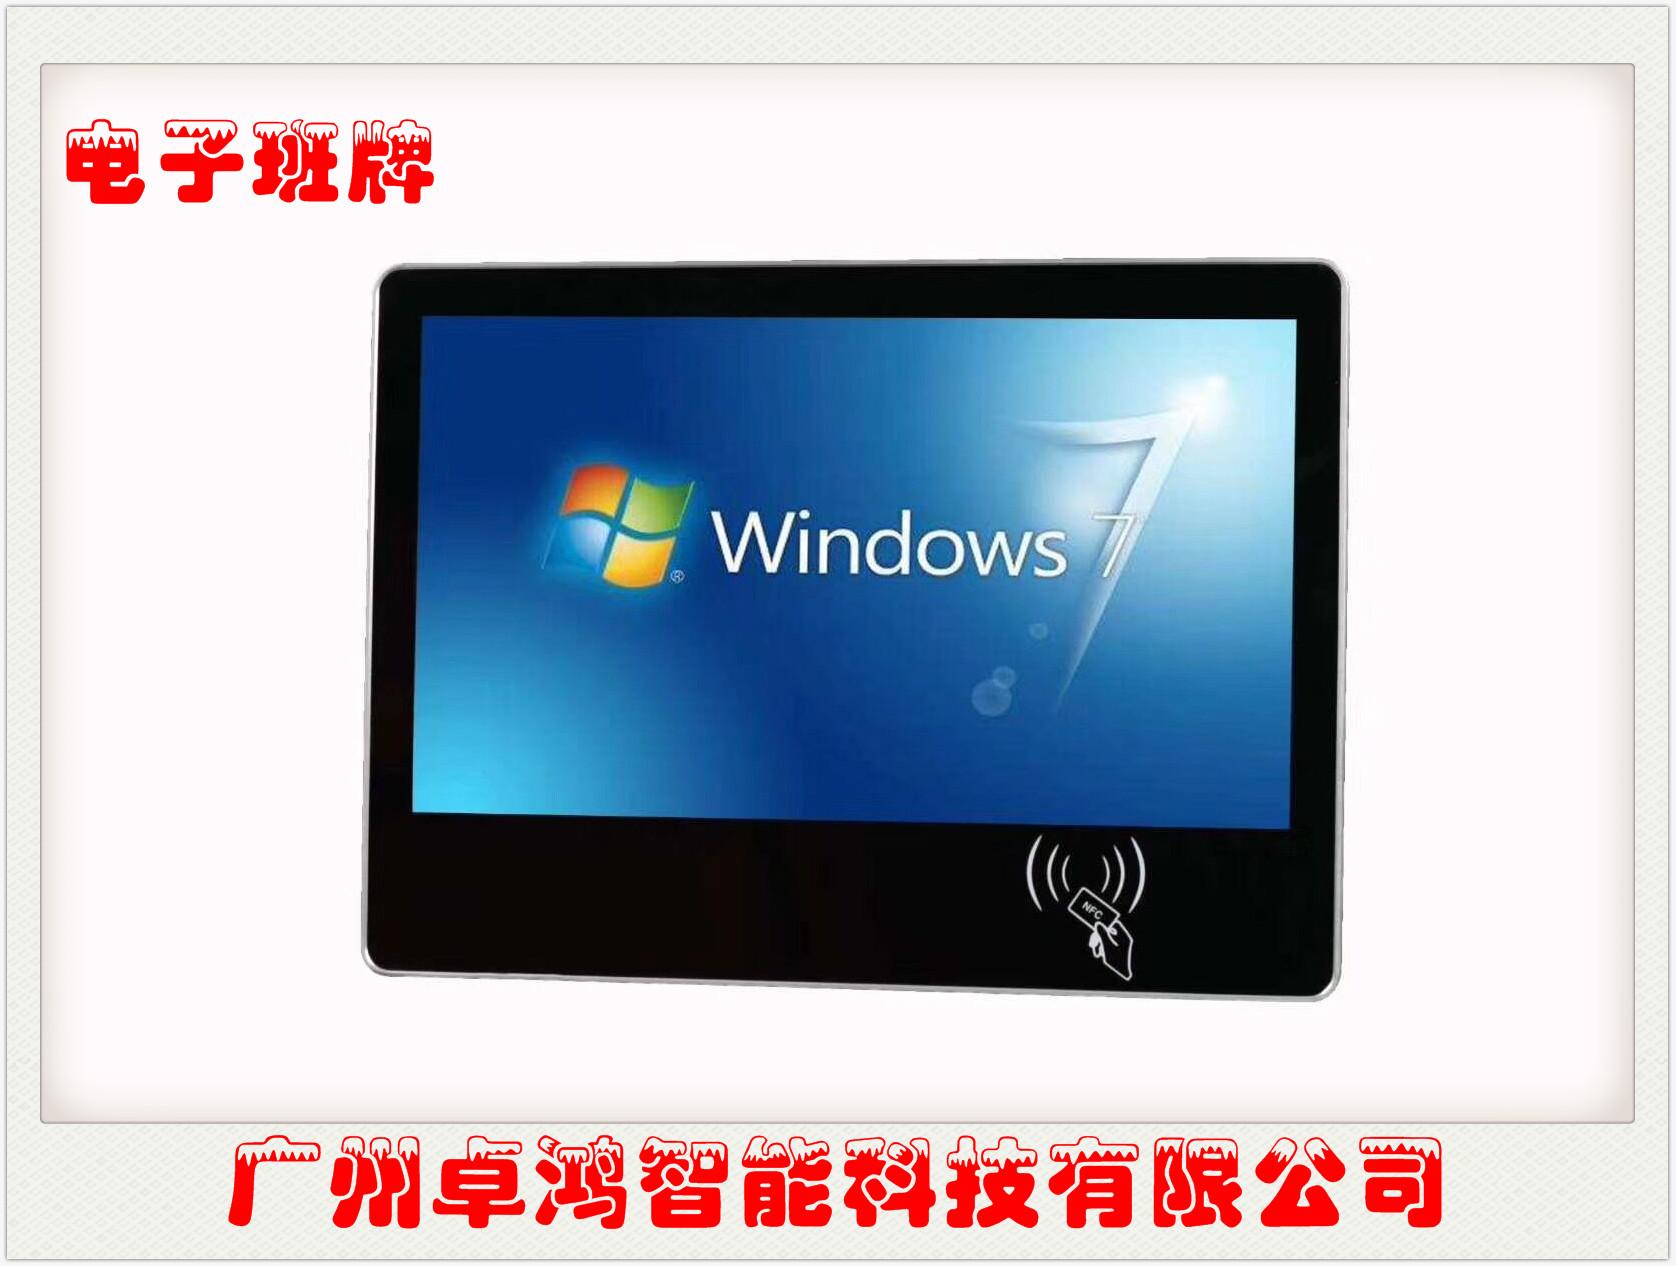 广州电子班牌供货商价格|广州电子班牌批发价格|广州电子班牌生产厂家